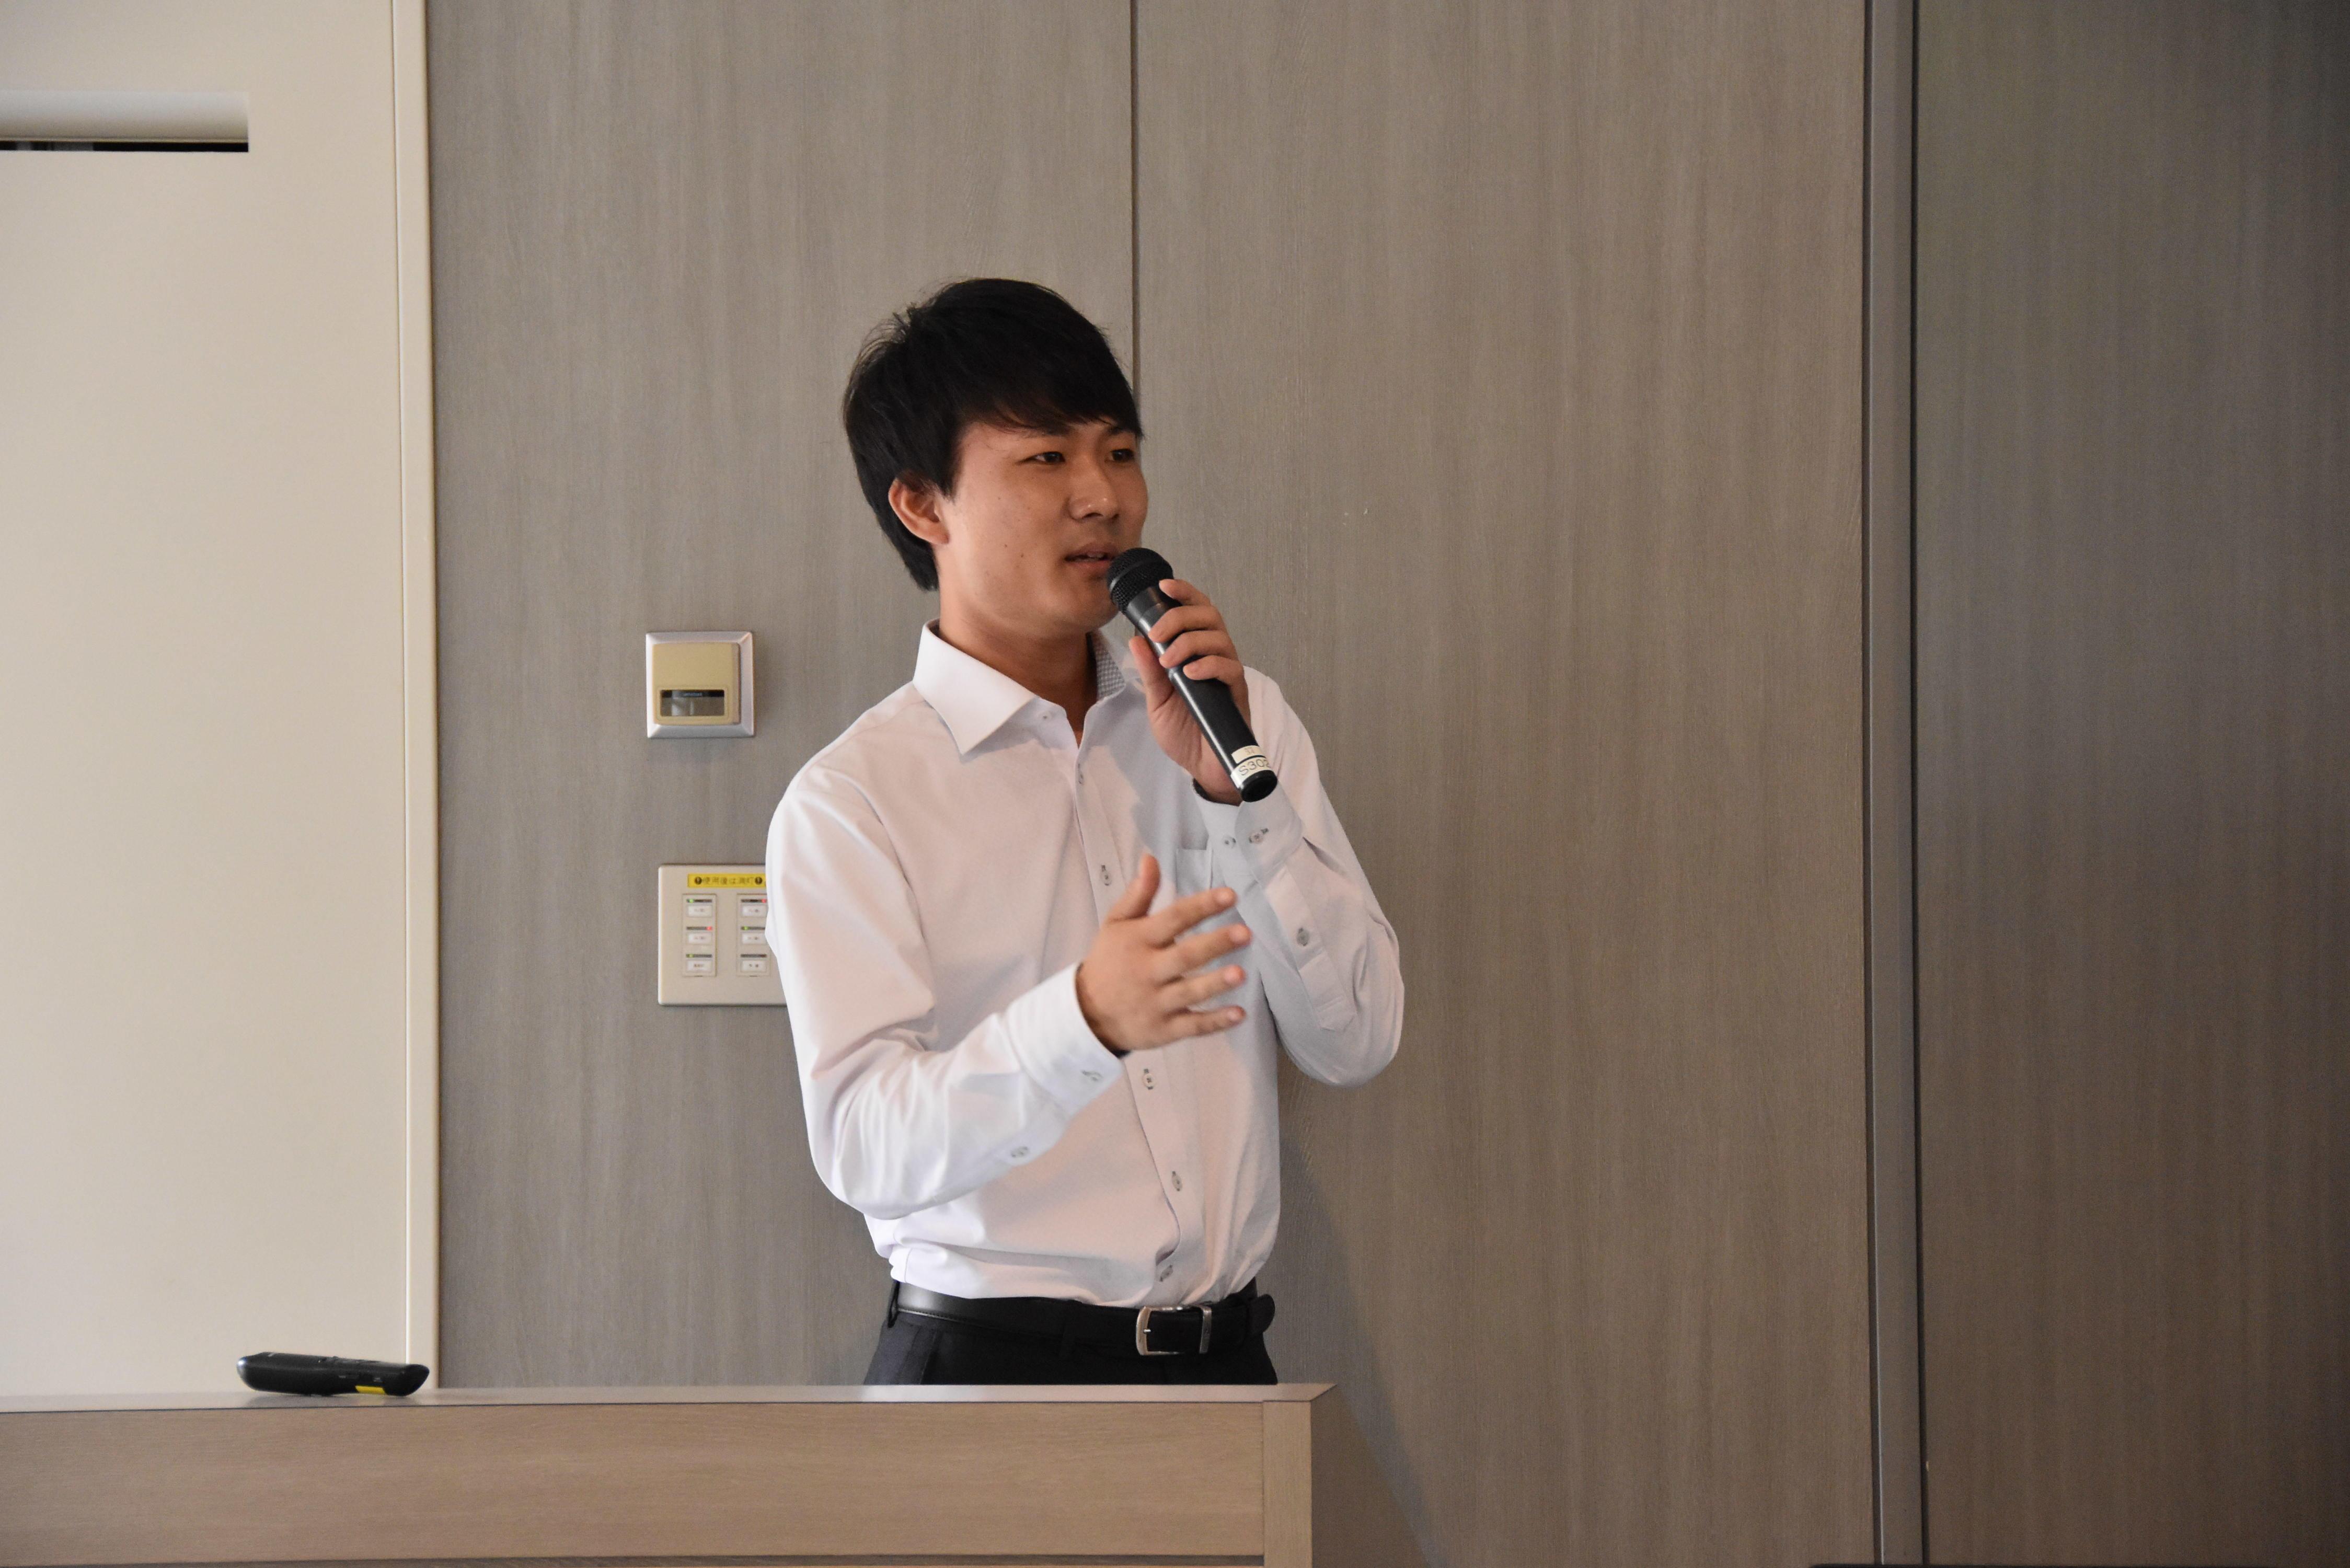 講師の柴田龍太郎さん(経営学部経営学科2017年卒業)